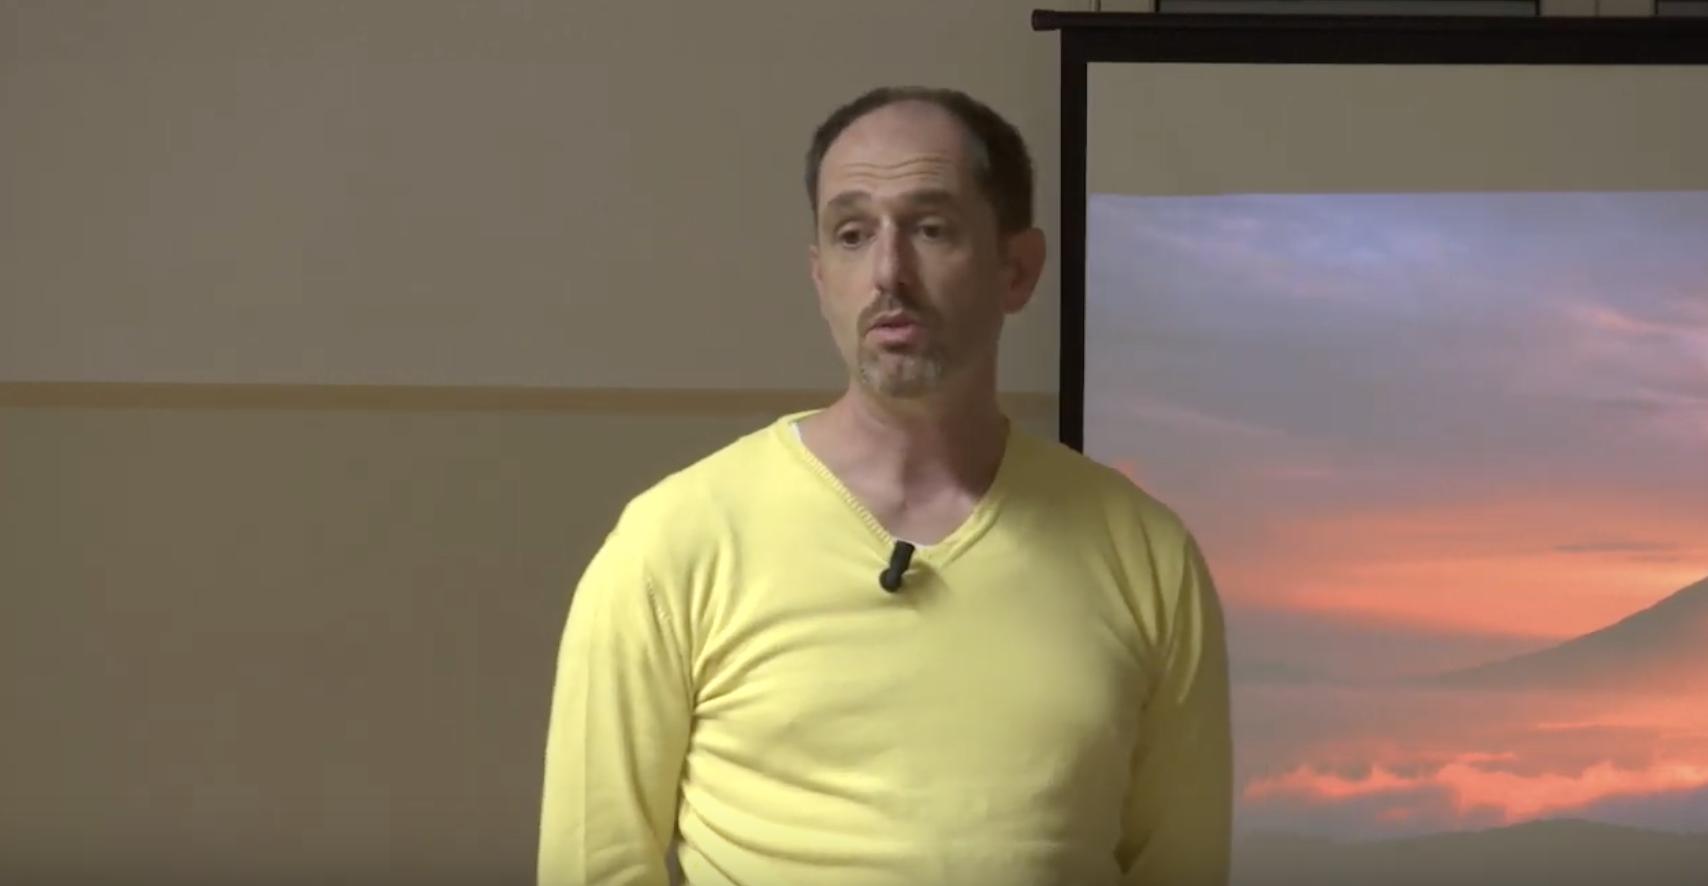 Ciò che viviamo influenza la nostra salute: evolvere le coscienze per migliorare salute e benessere (Video)